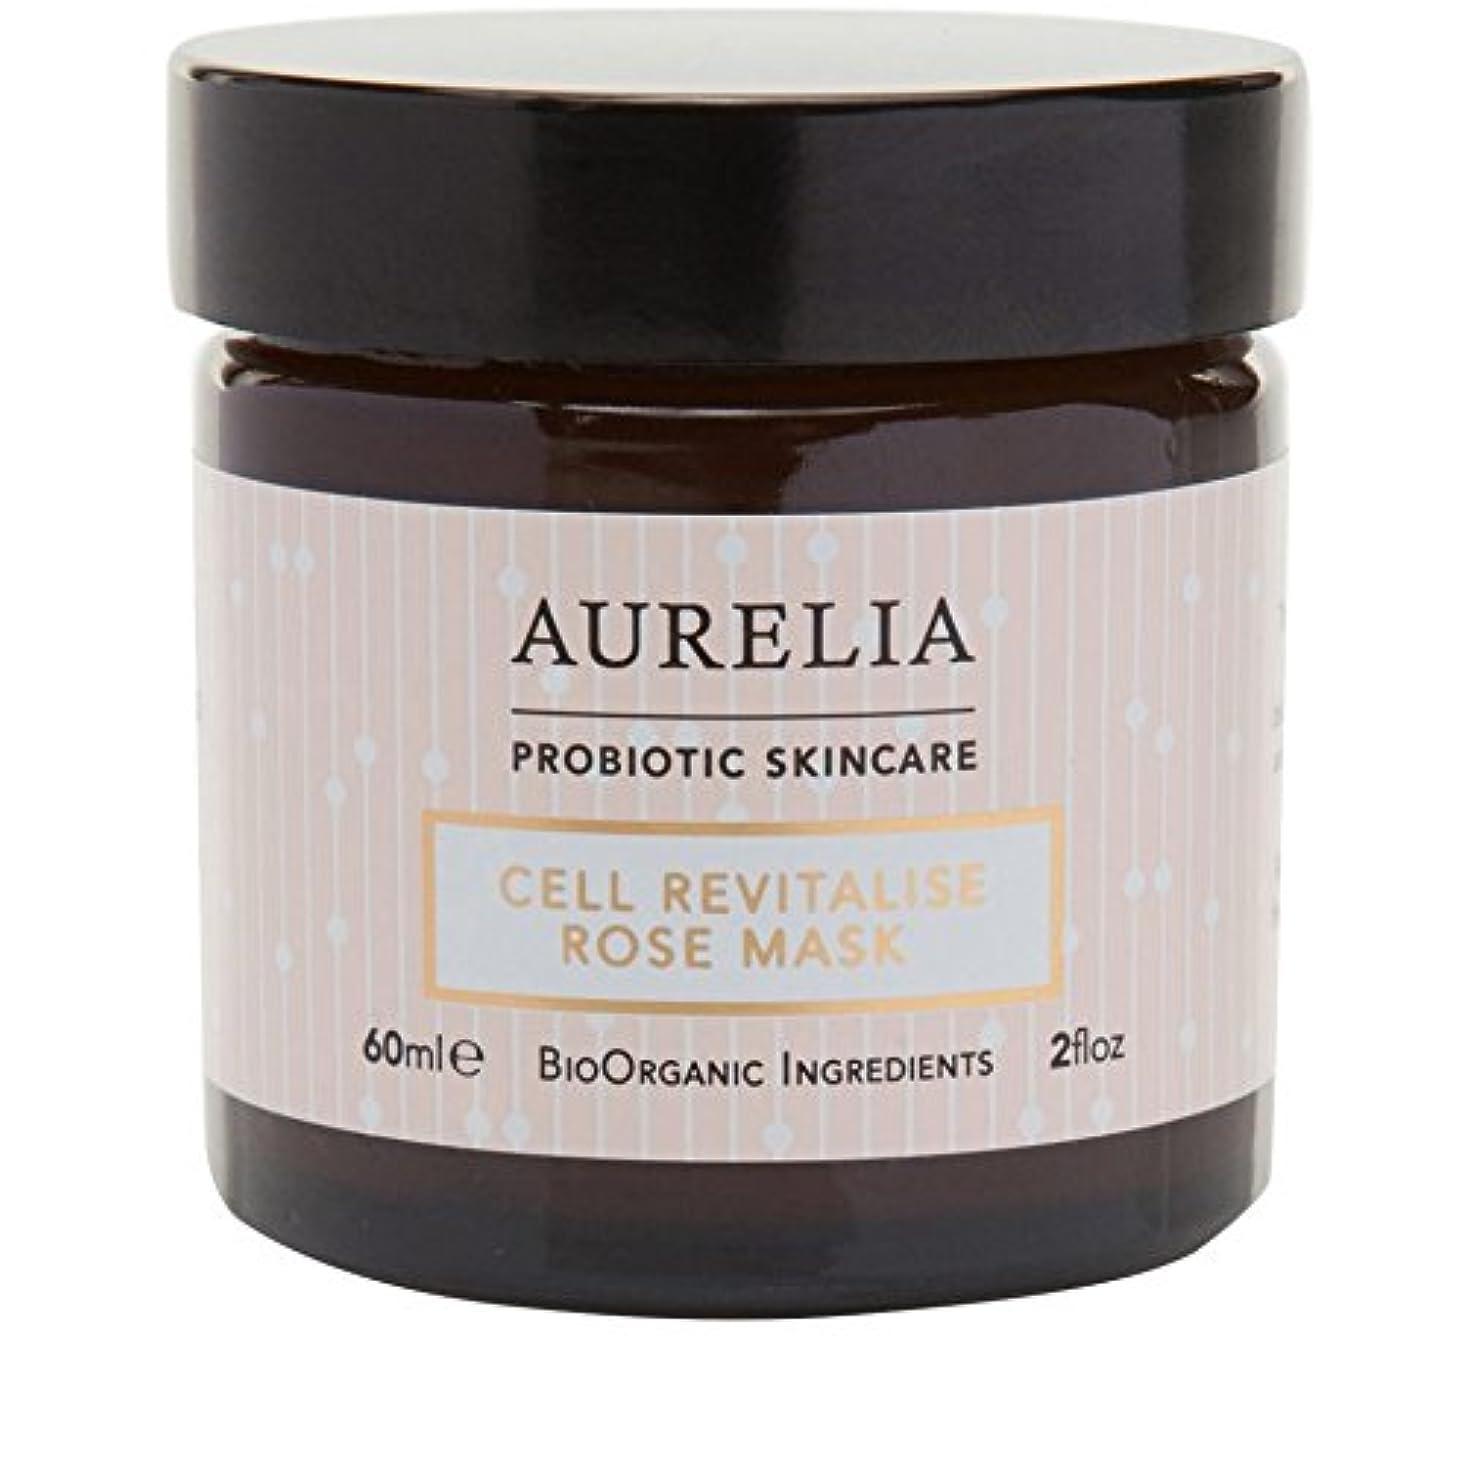 悲惨な性的貪欲[Aurelia Probiotic Skincare] アウレリアプロバイオティクススキンケア細胞の活力アップは、マスク60ミリリットルをバラ - Aurelia Probiotic Skincare Cell Revitalise...